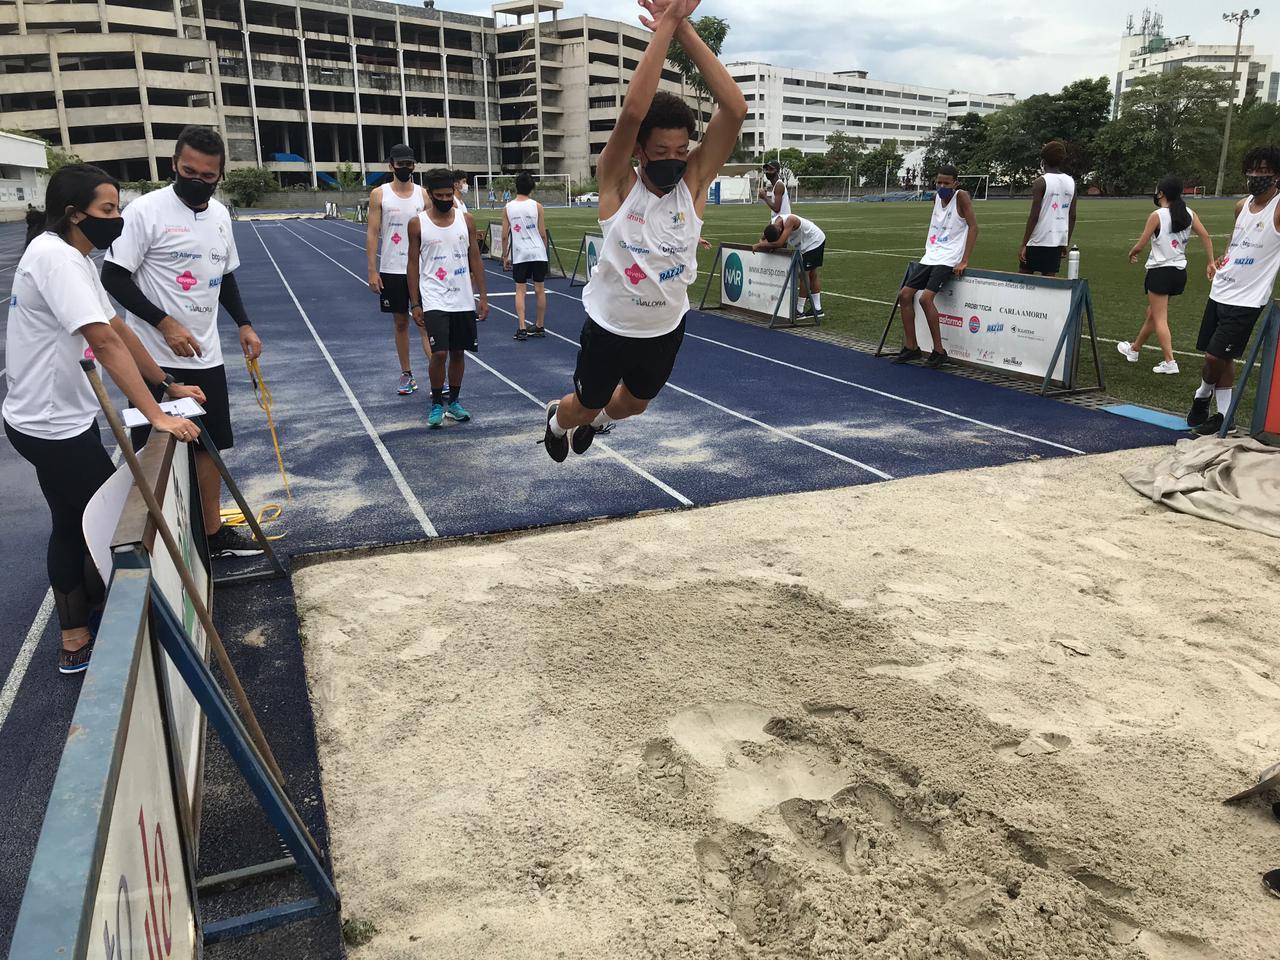 Medidas restritivas alteram a rotina de jovens promessas do atletismo